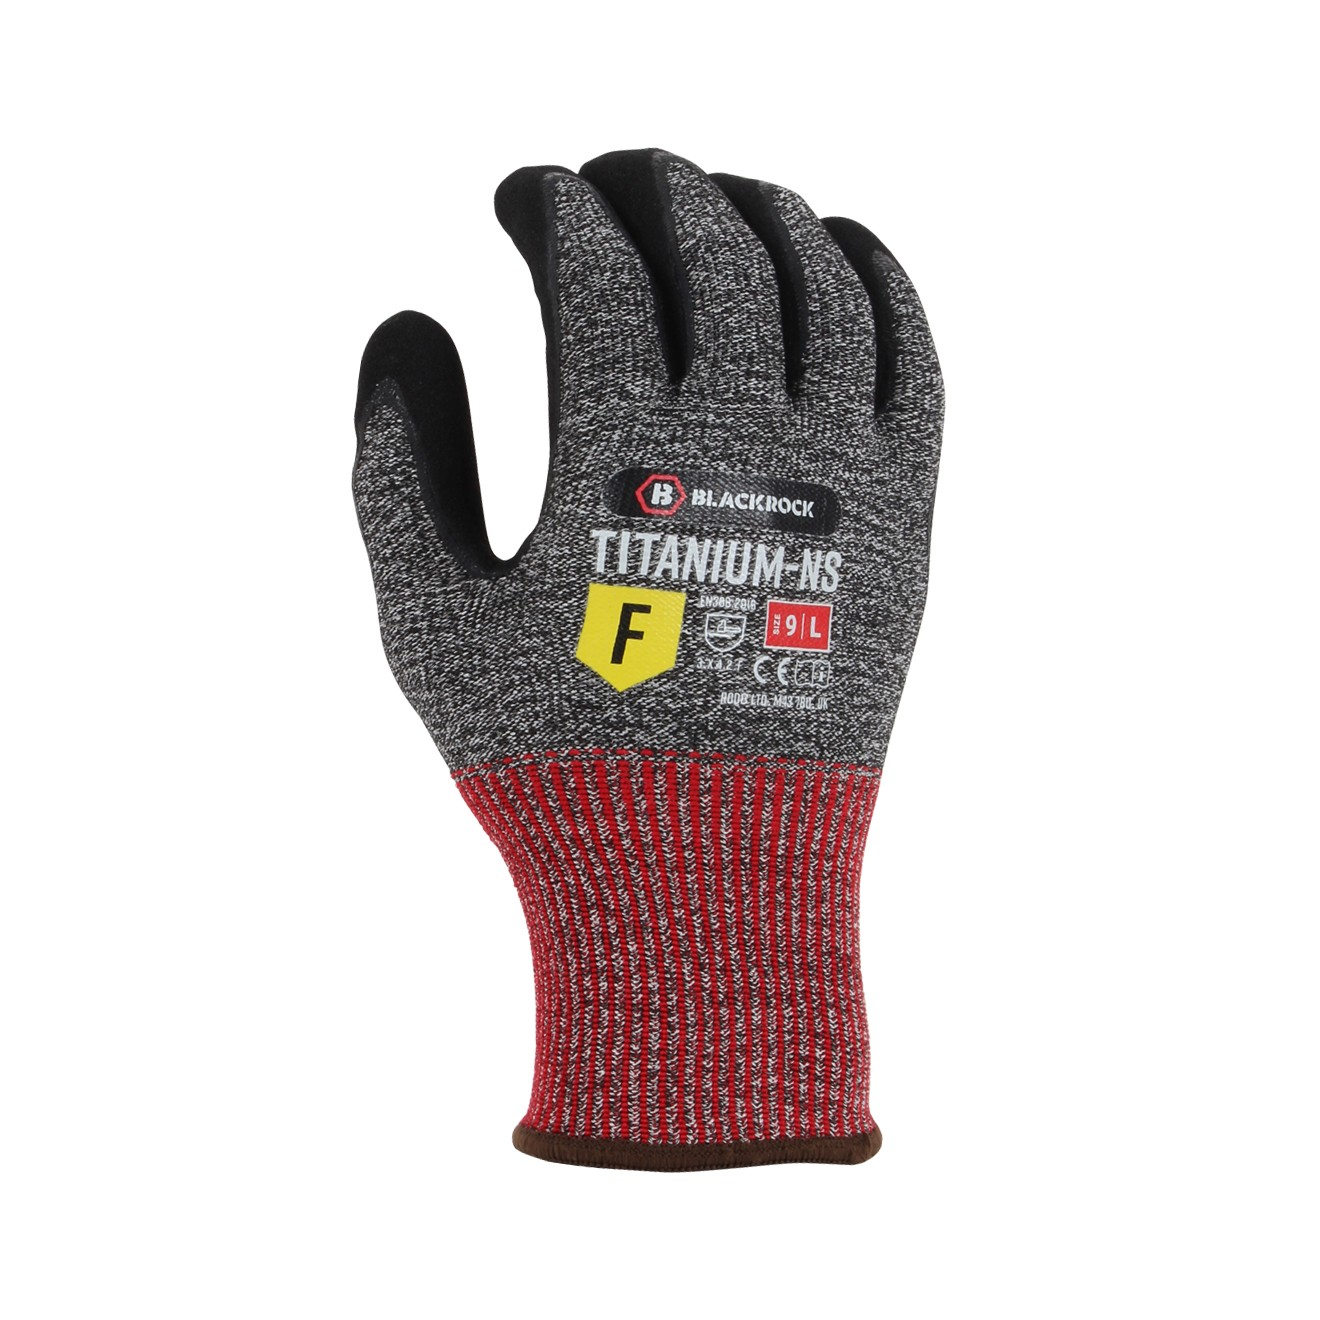 Titanium-NS Cut Resistant Glove